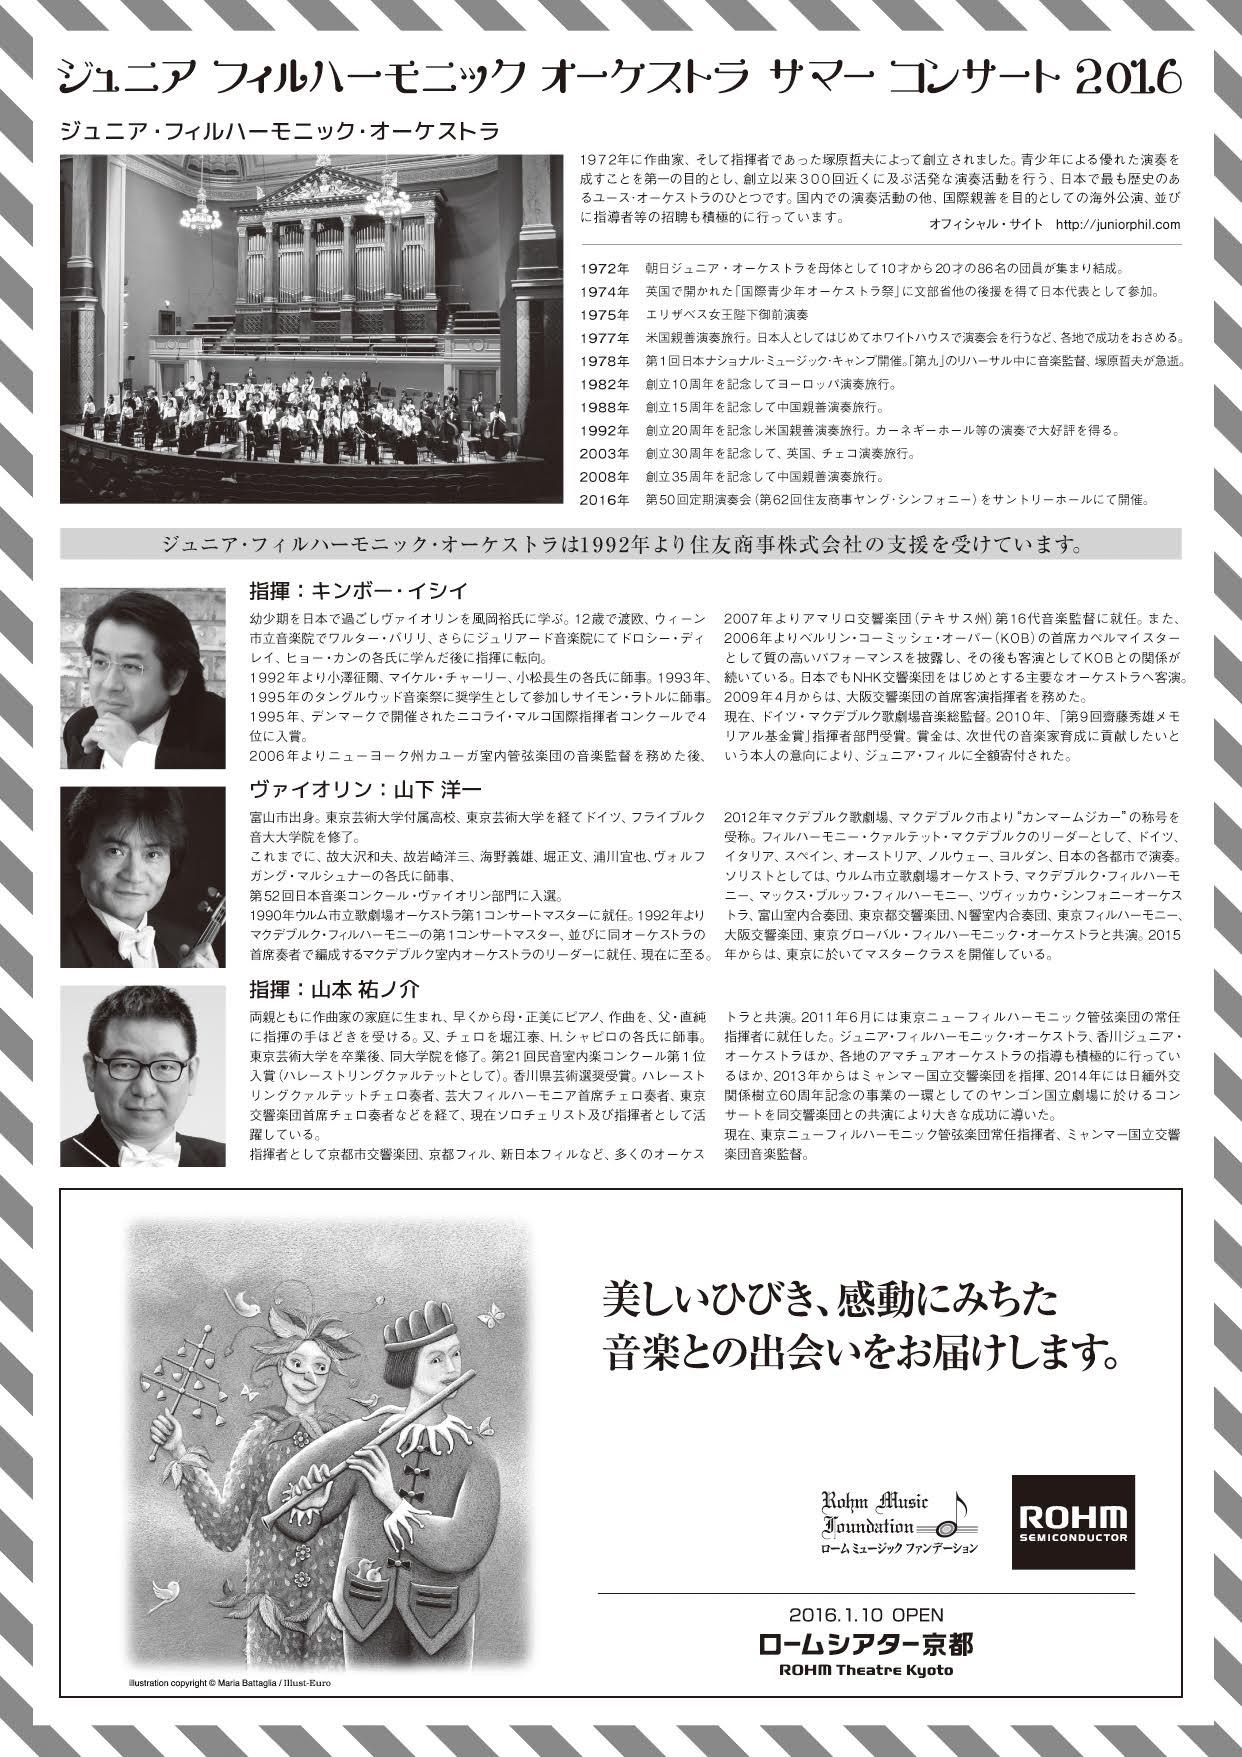 第34回 日本ナショナル・ミュージック・キャンプ ura